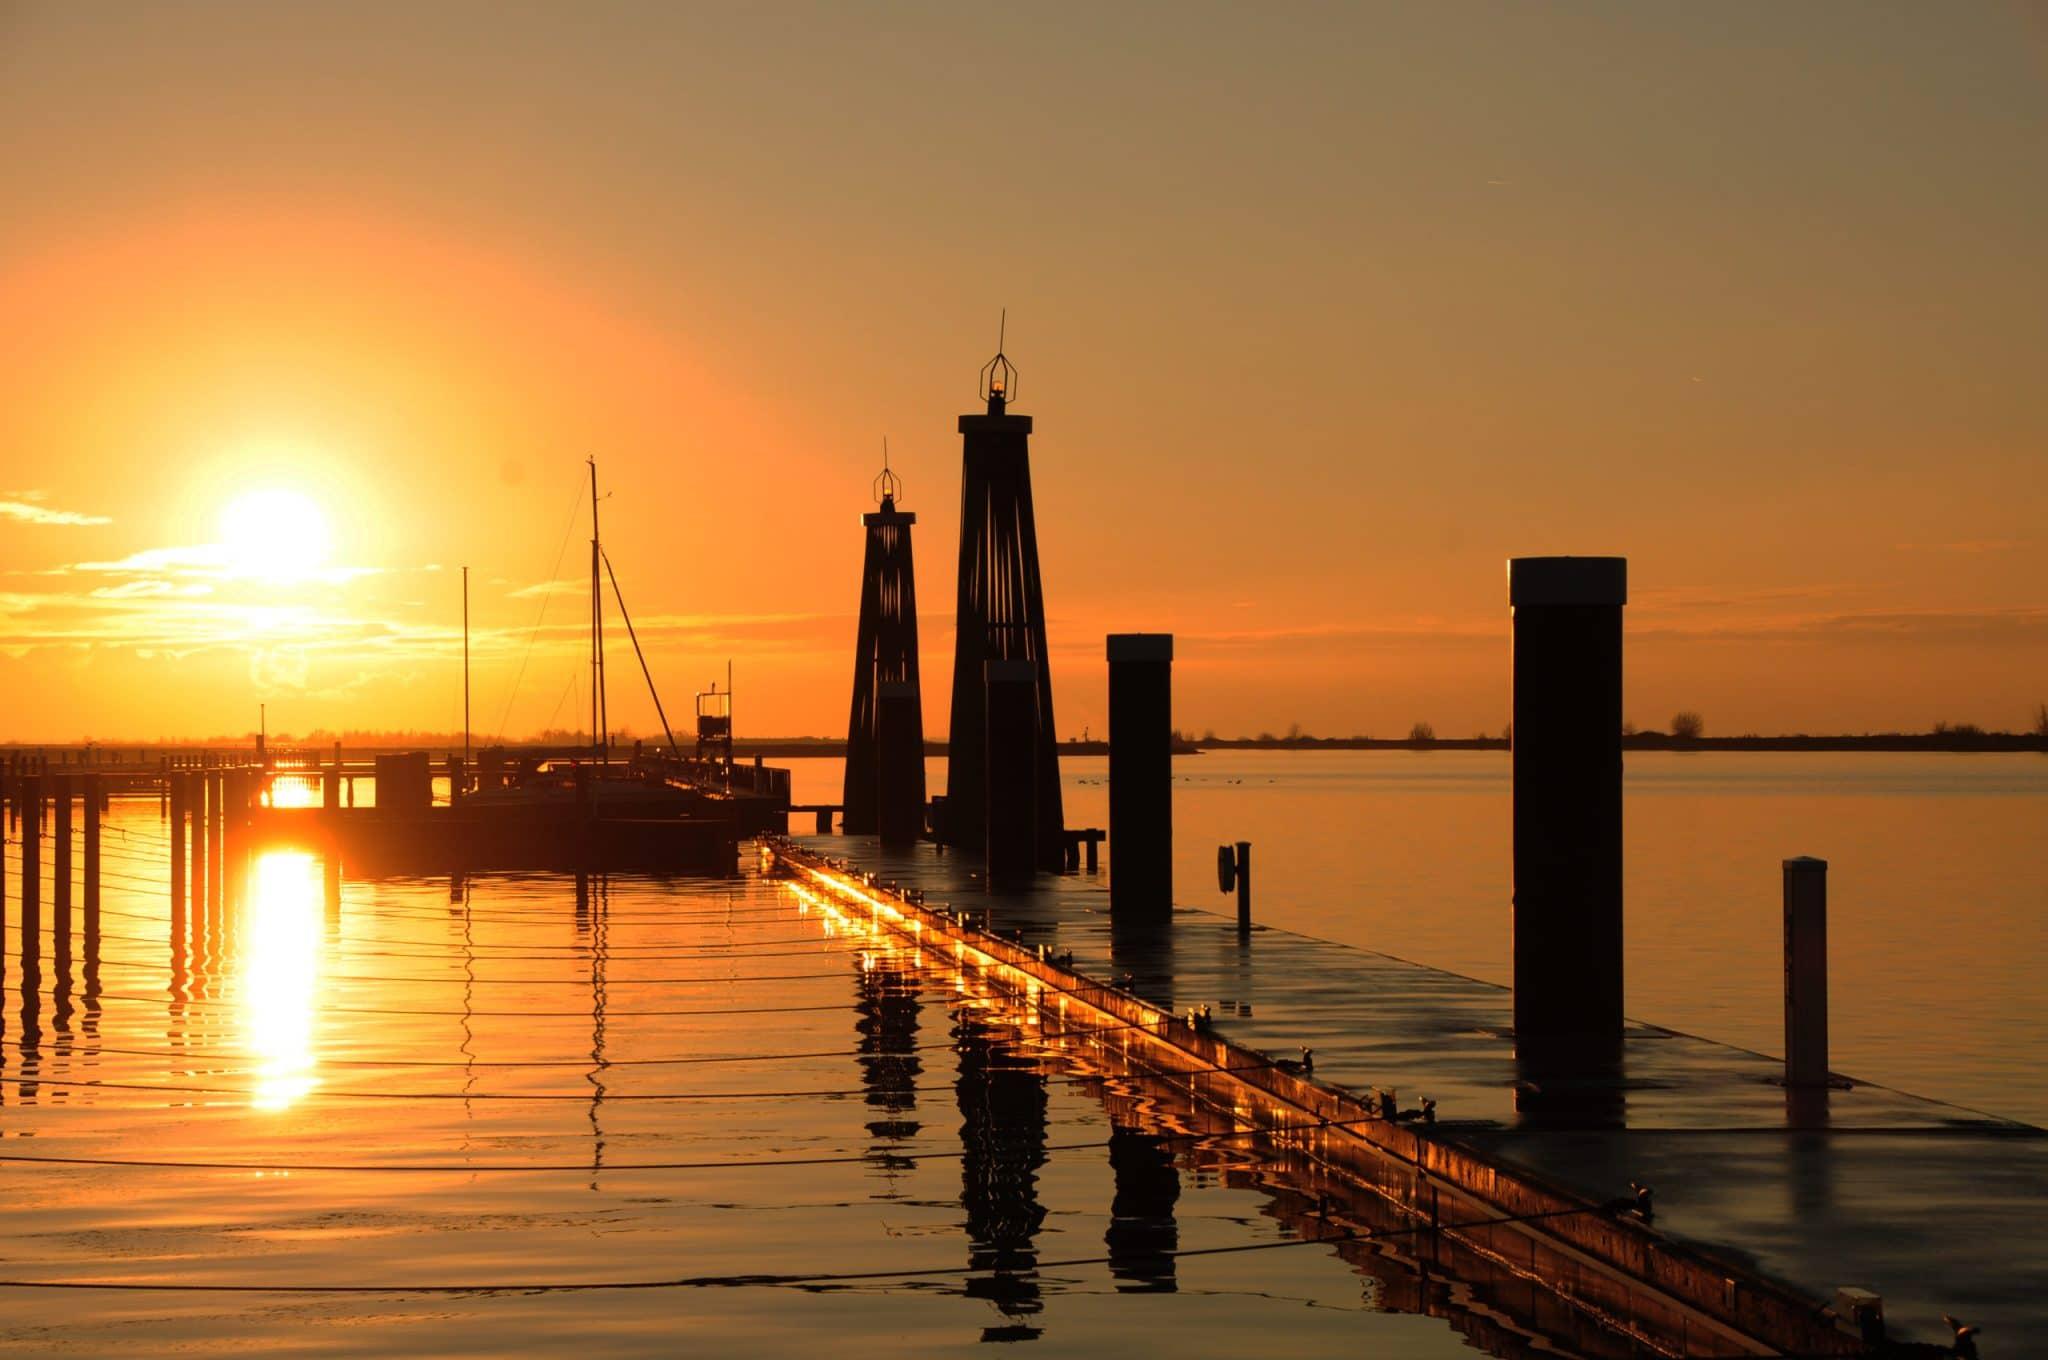 Hafen_Ausblick